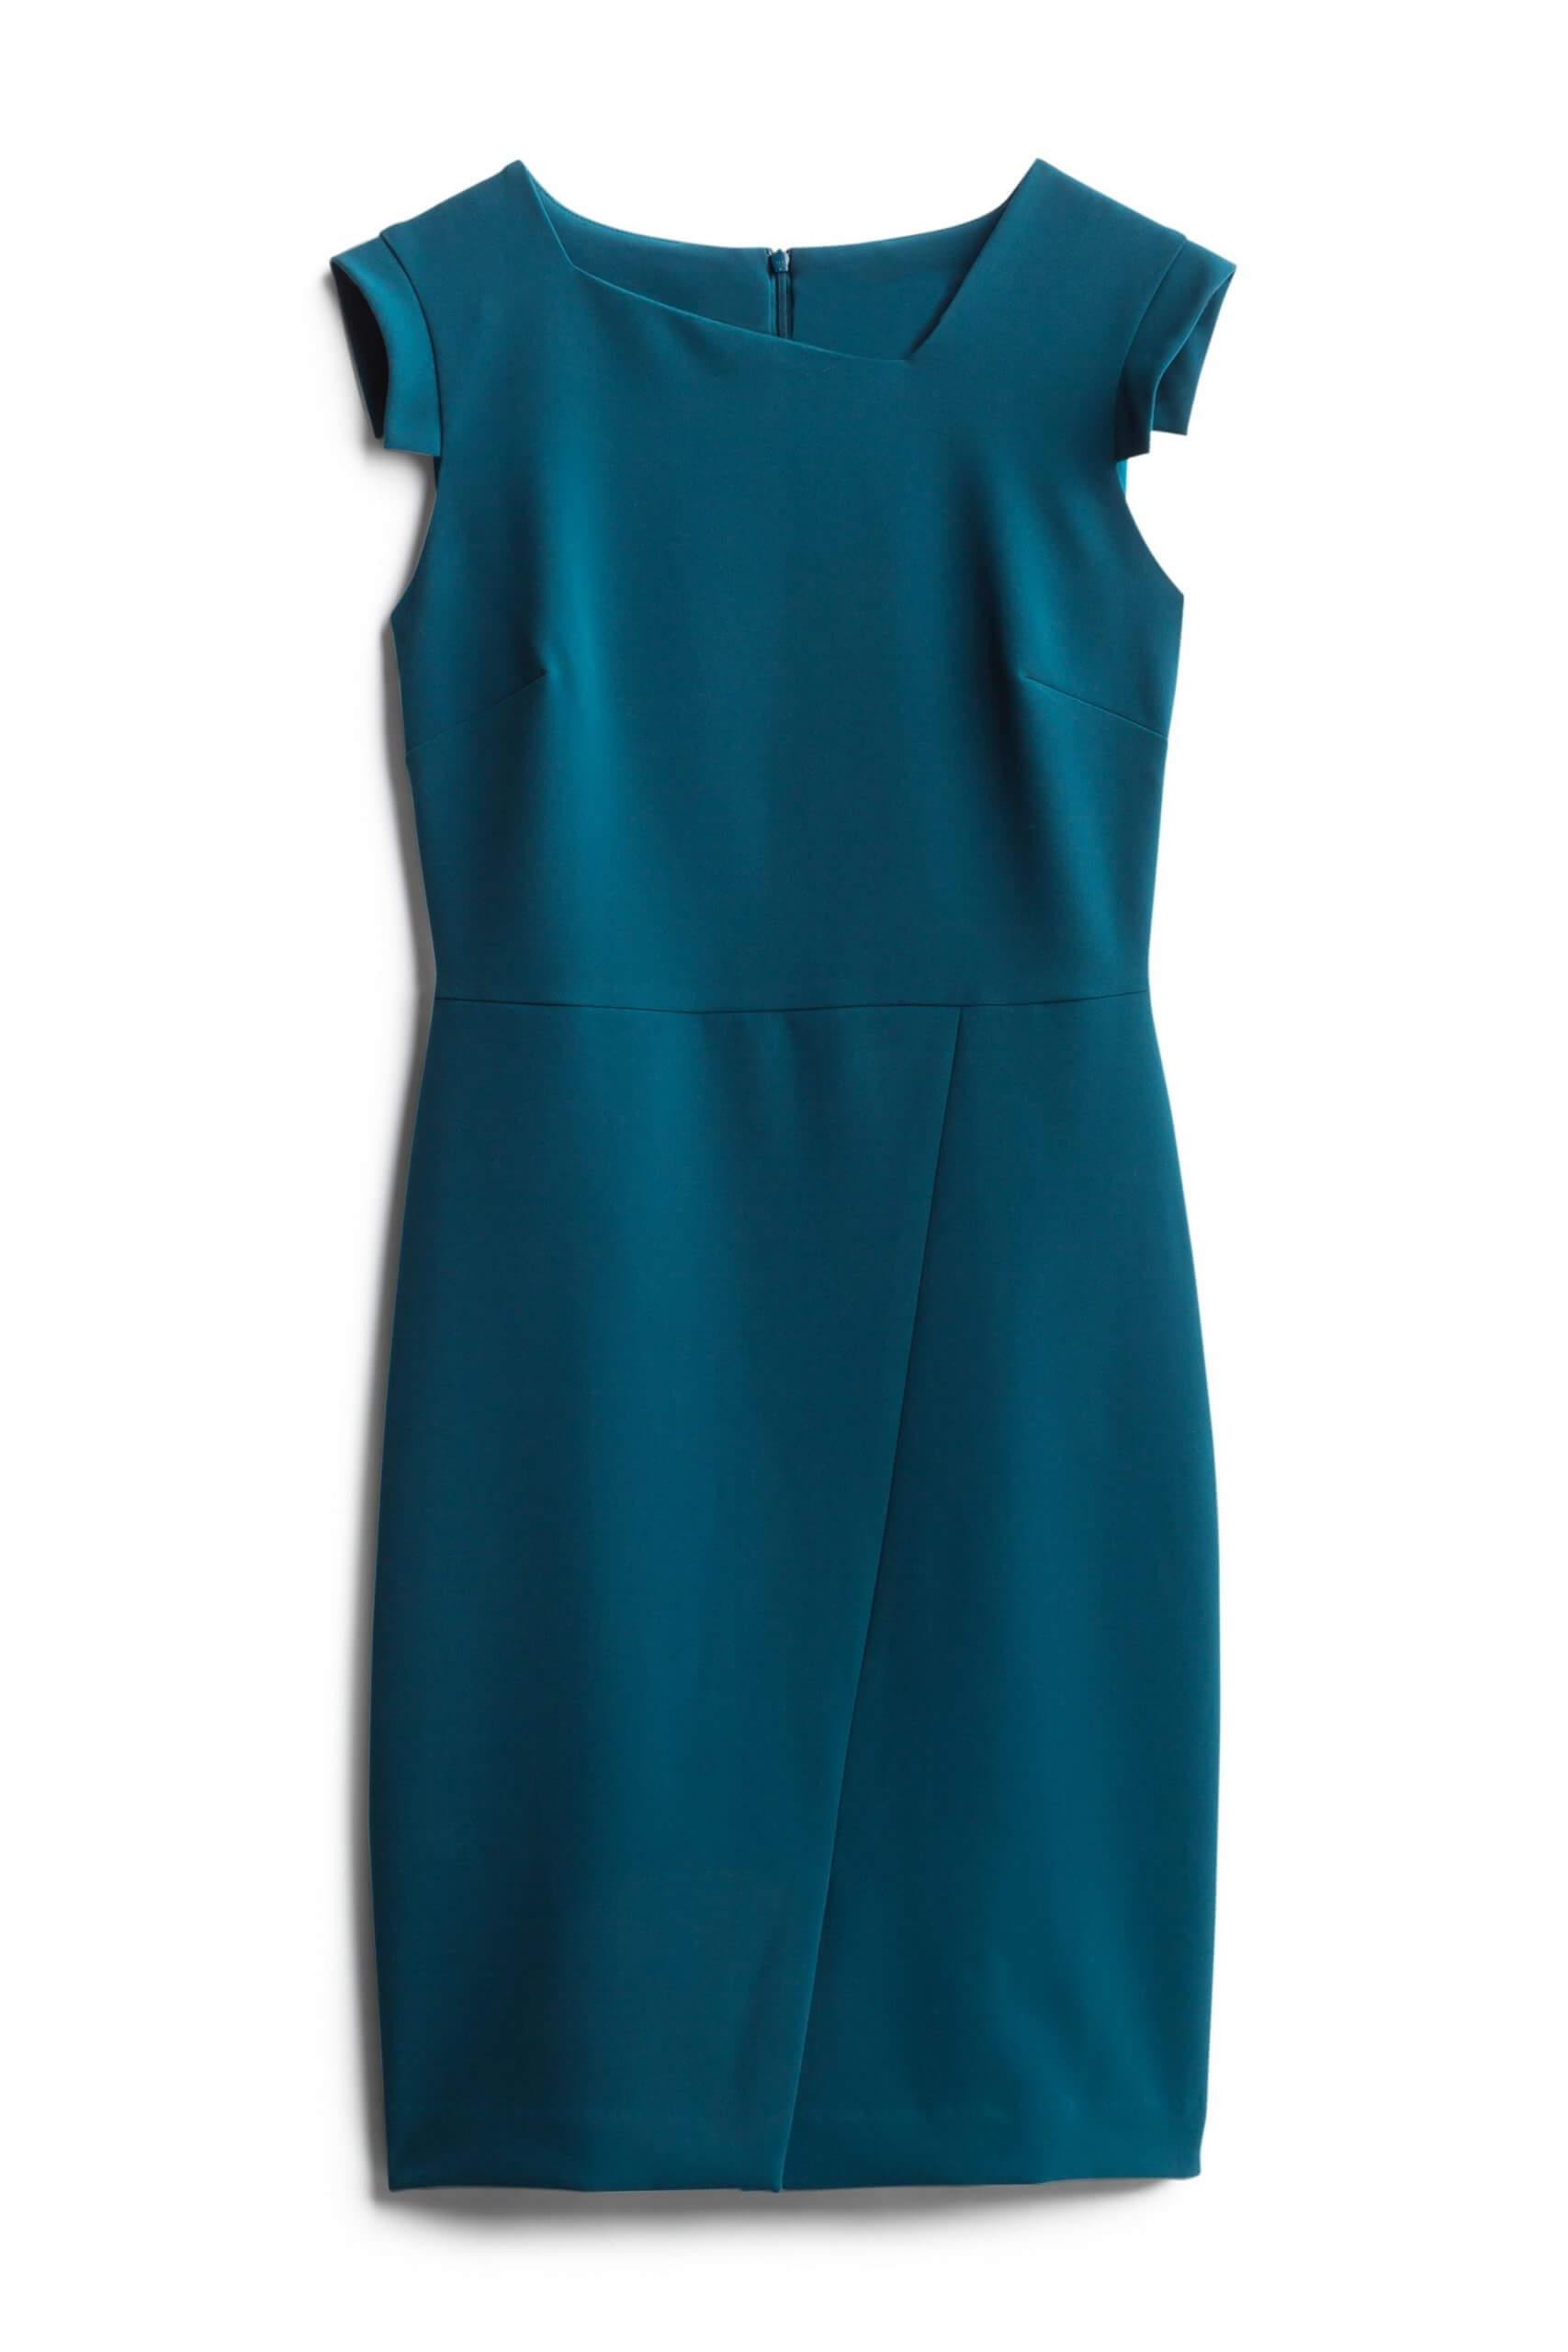 Stitch Fix Women's teal green sheath dress.